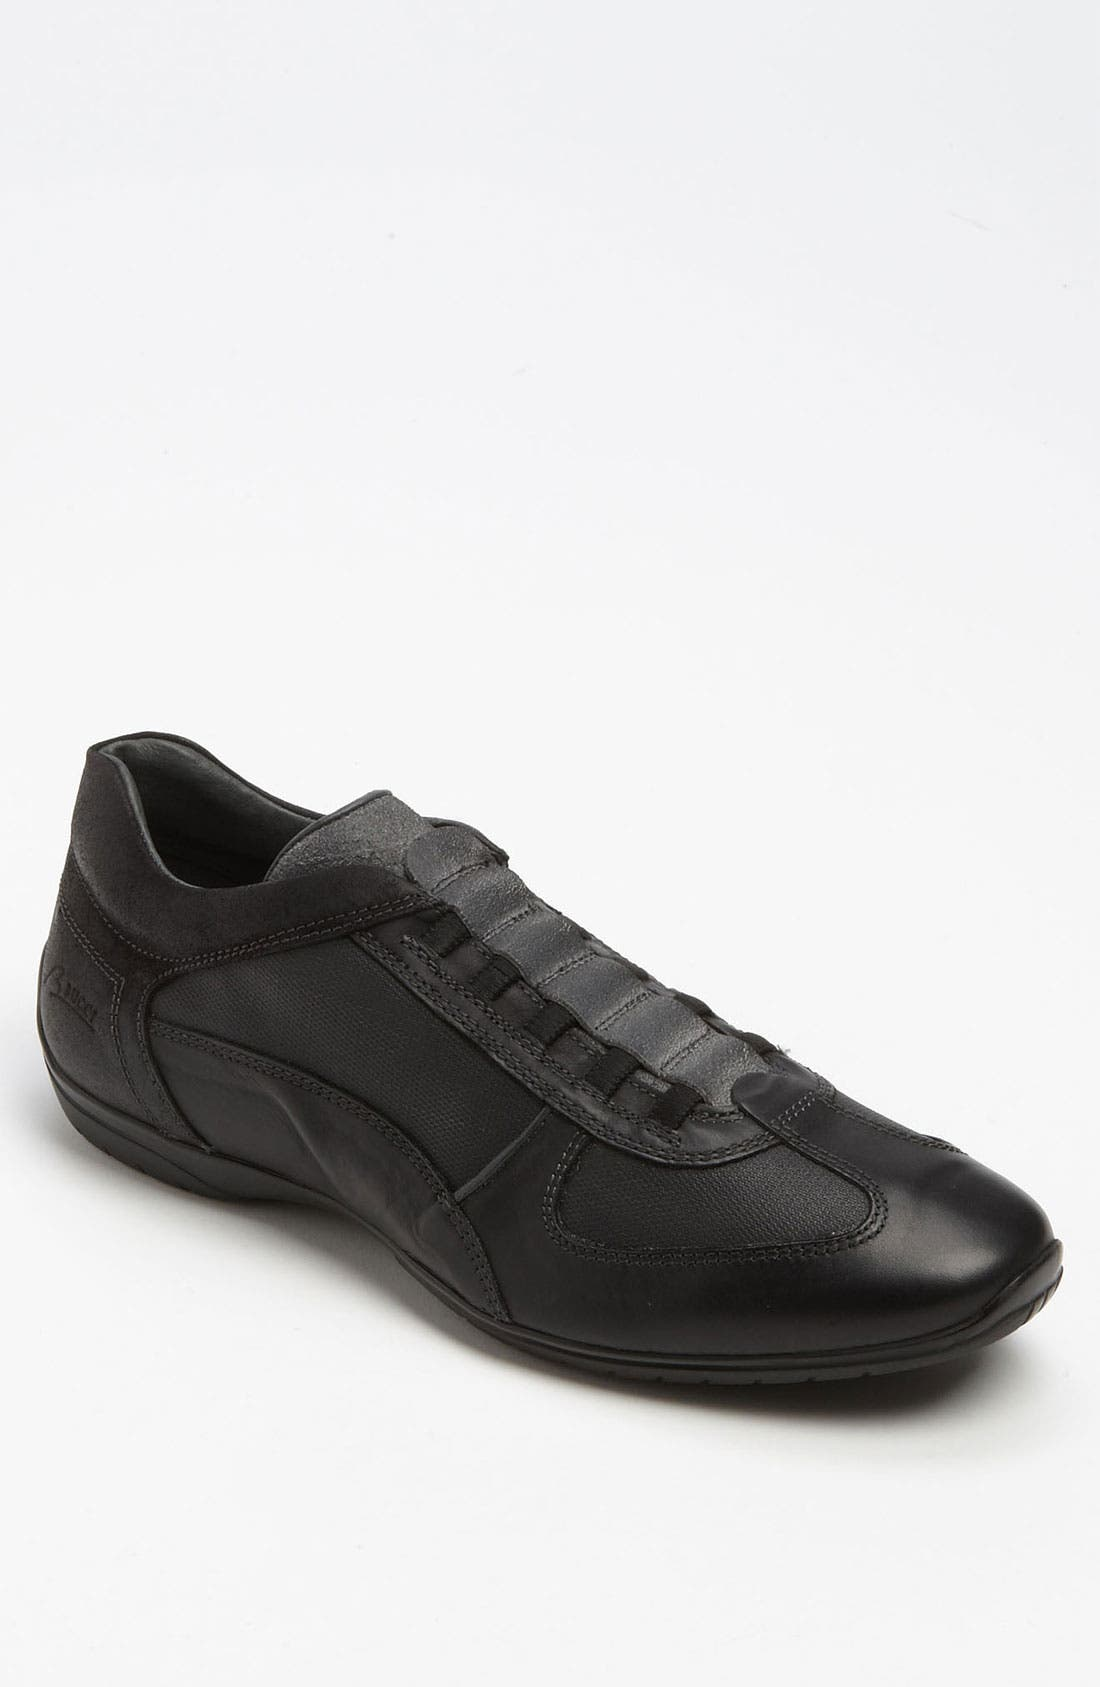 Main Image - Bacco Bucci 'Loreto' Sneaker